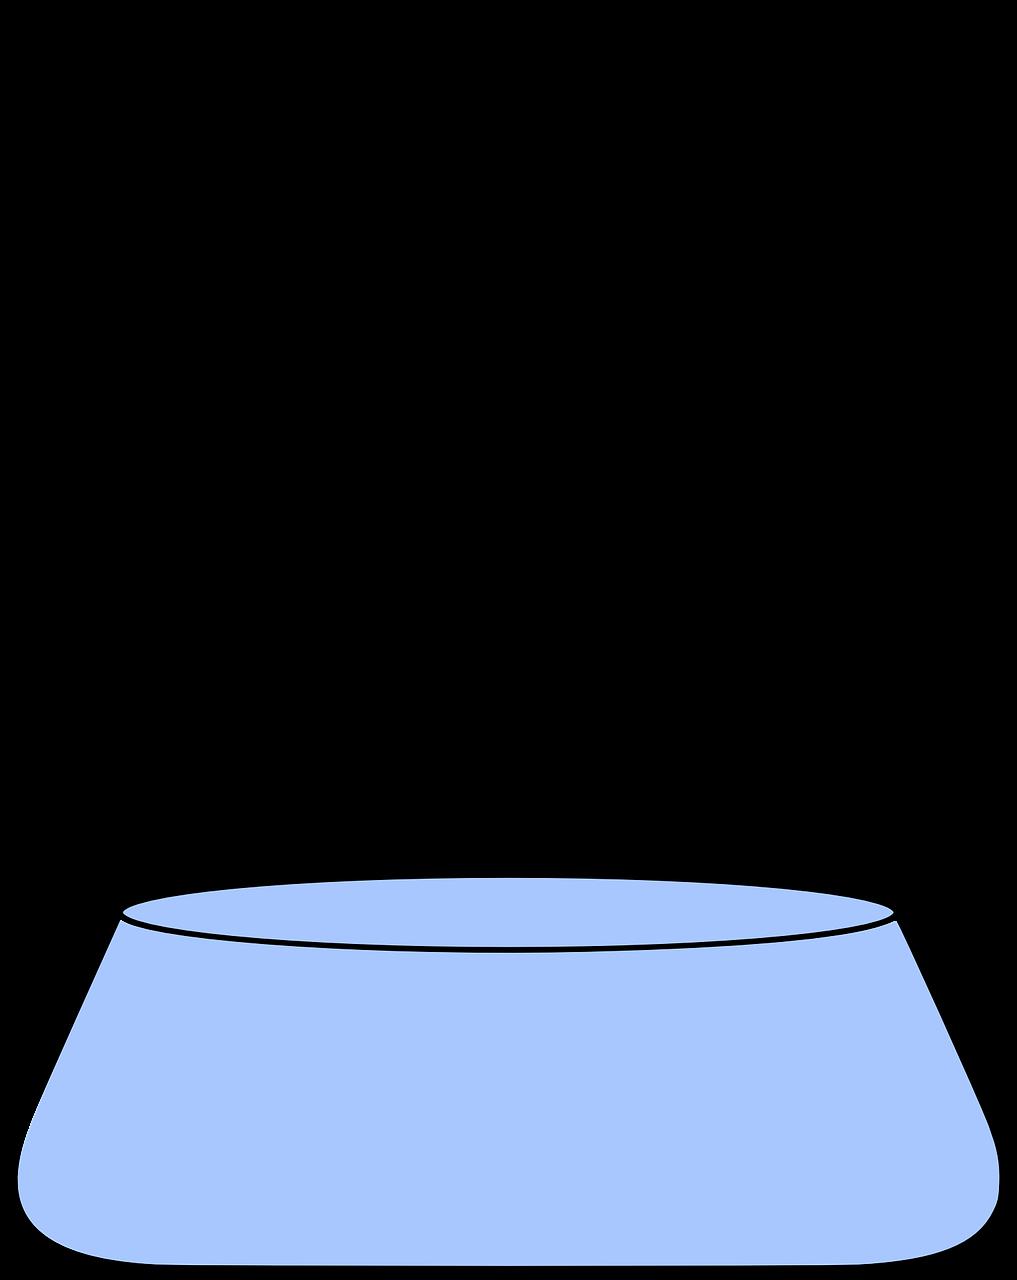 Kringapotheek Velp bijwerkingen cbd olie